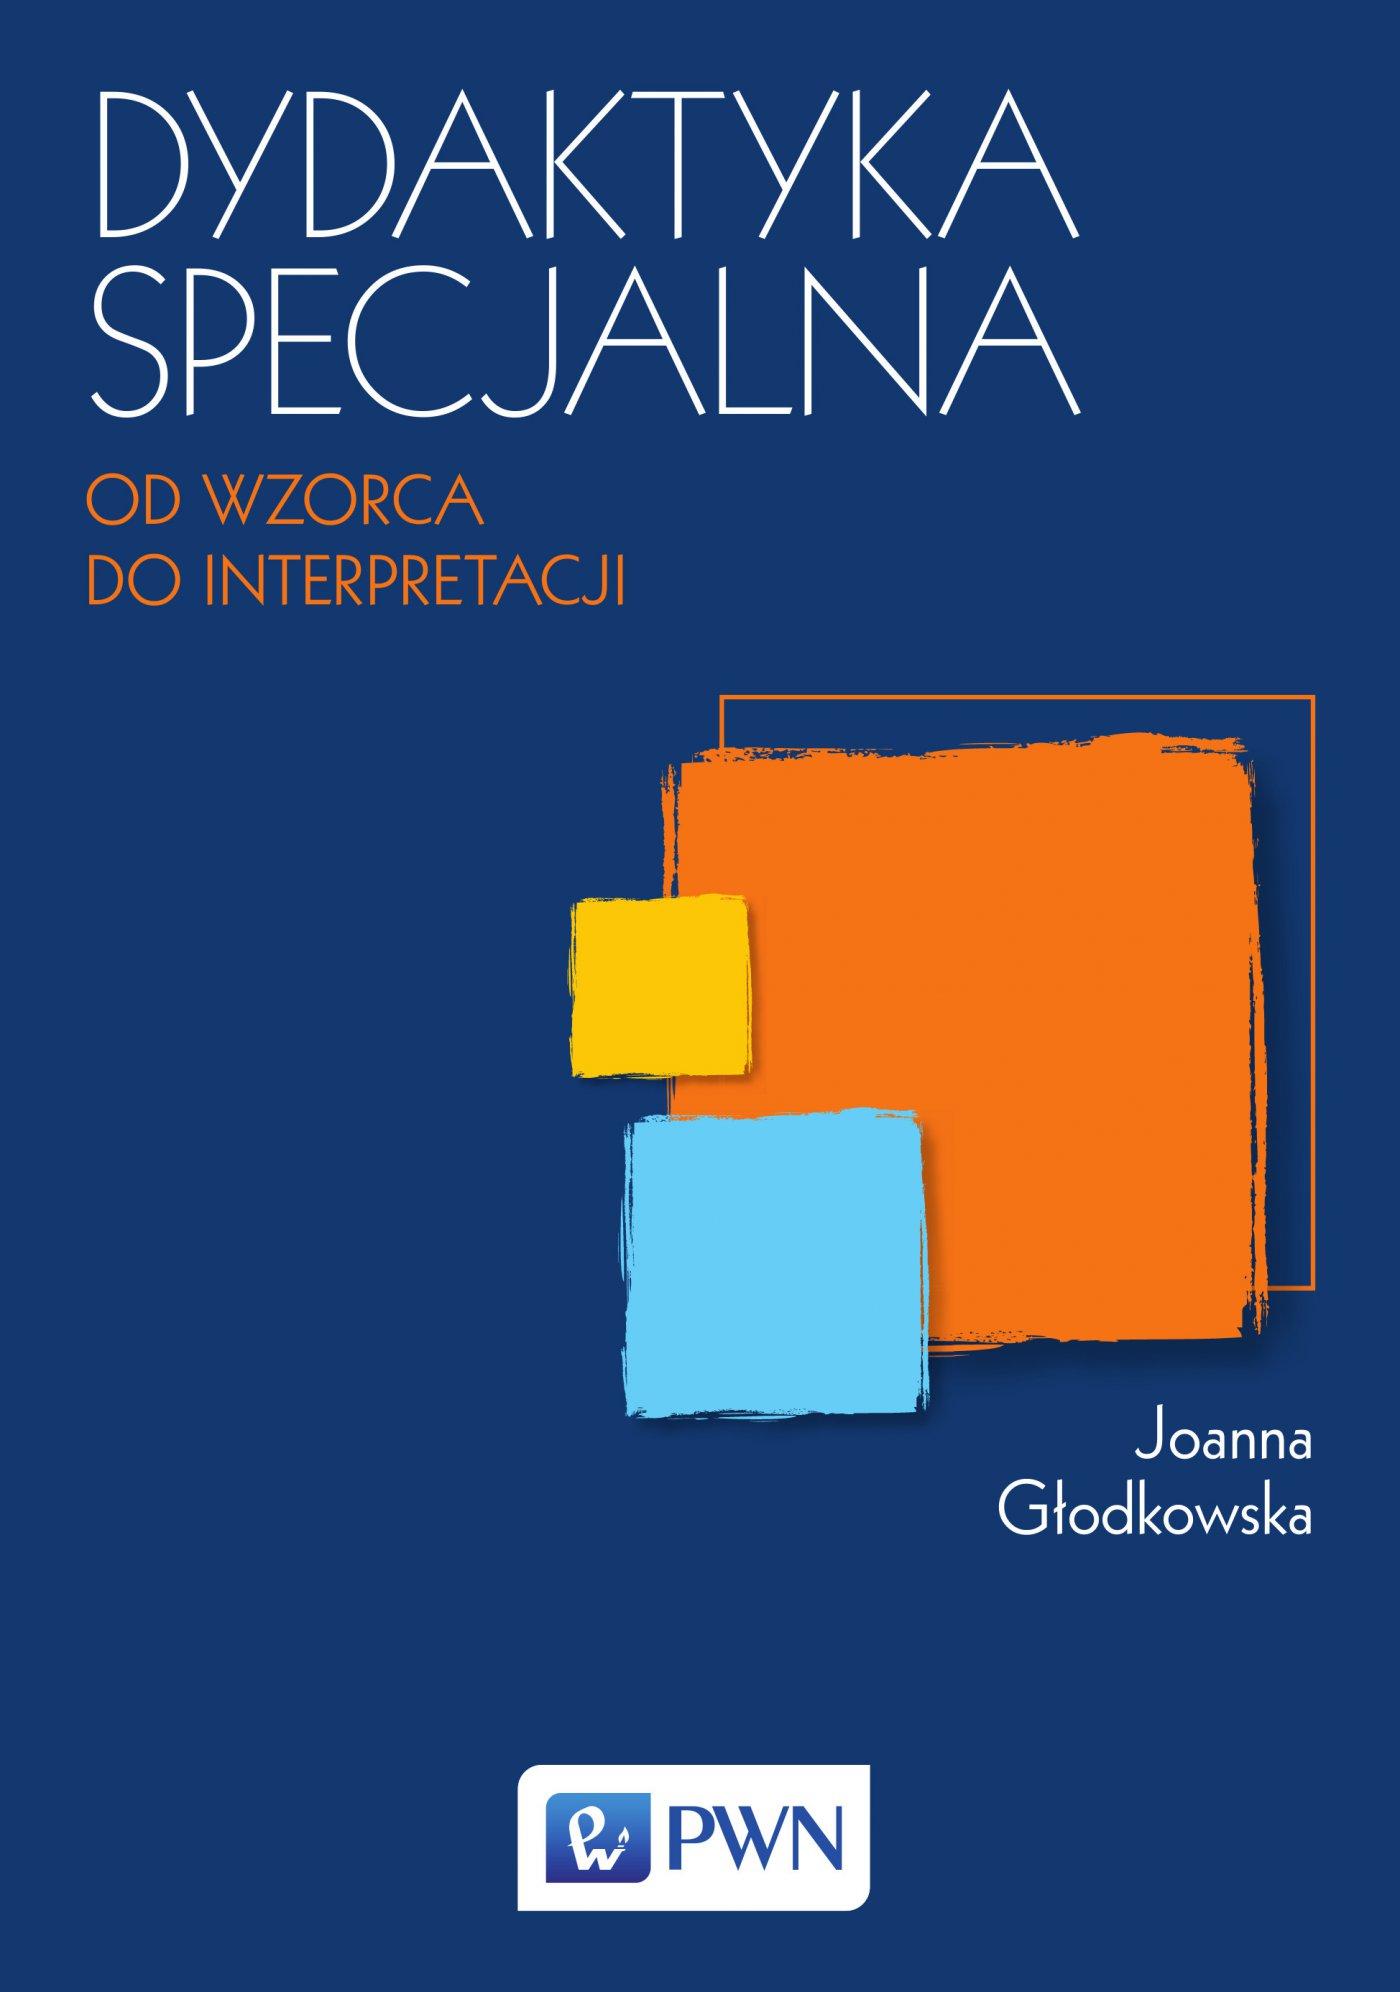 Dydaktyka specjalna. Od wzorca do interpretacji. Tom 1 - Ebook (Książka EPUB) do pobrania w formacie EPUB